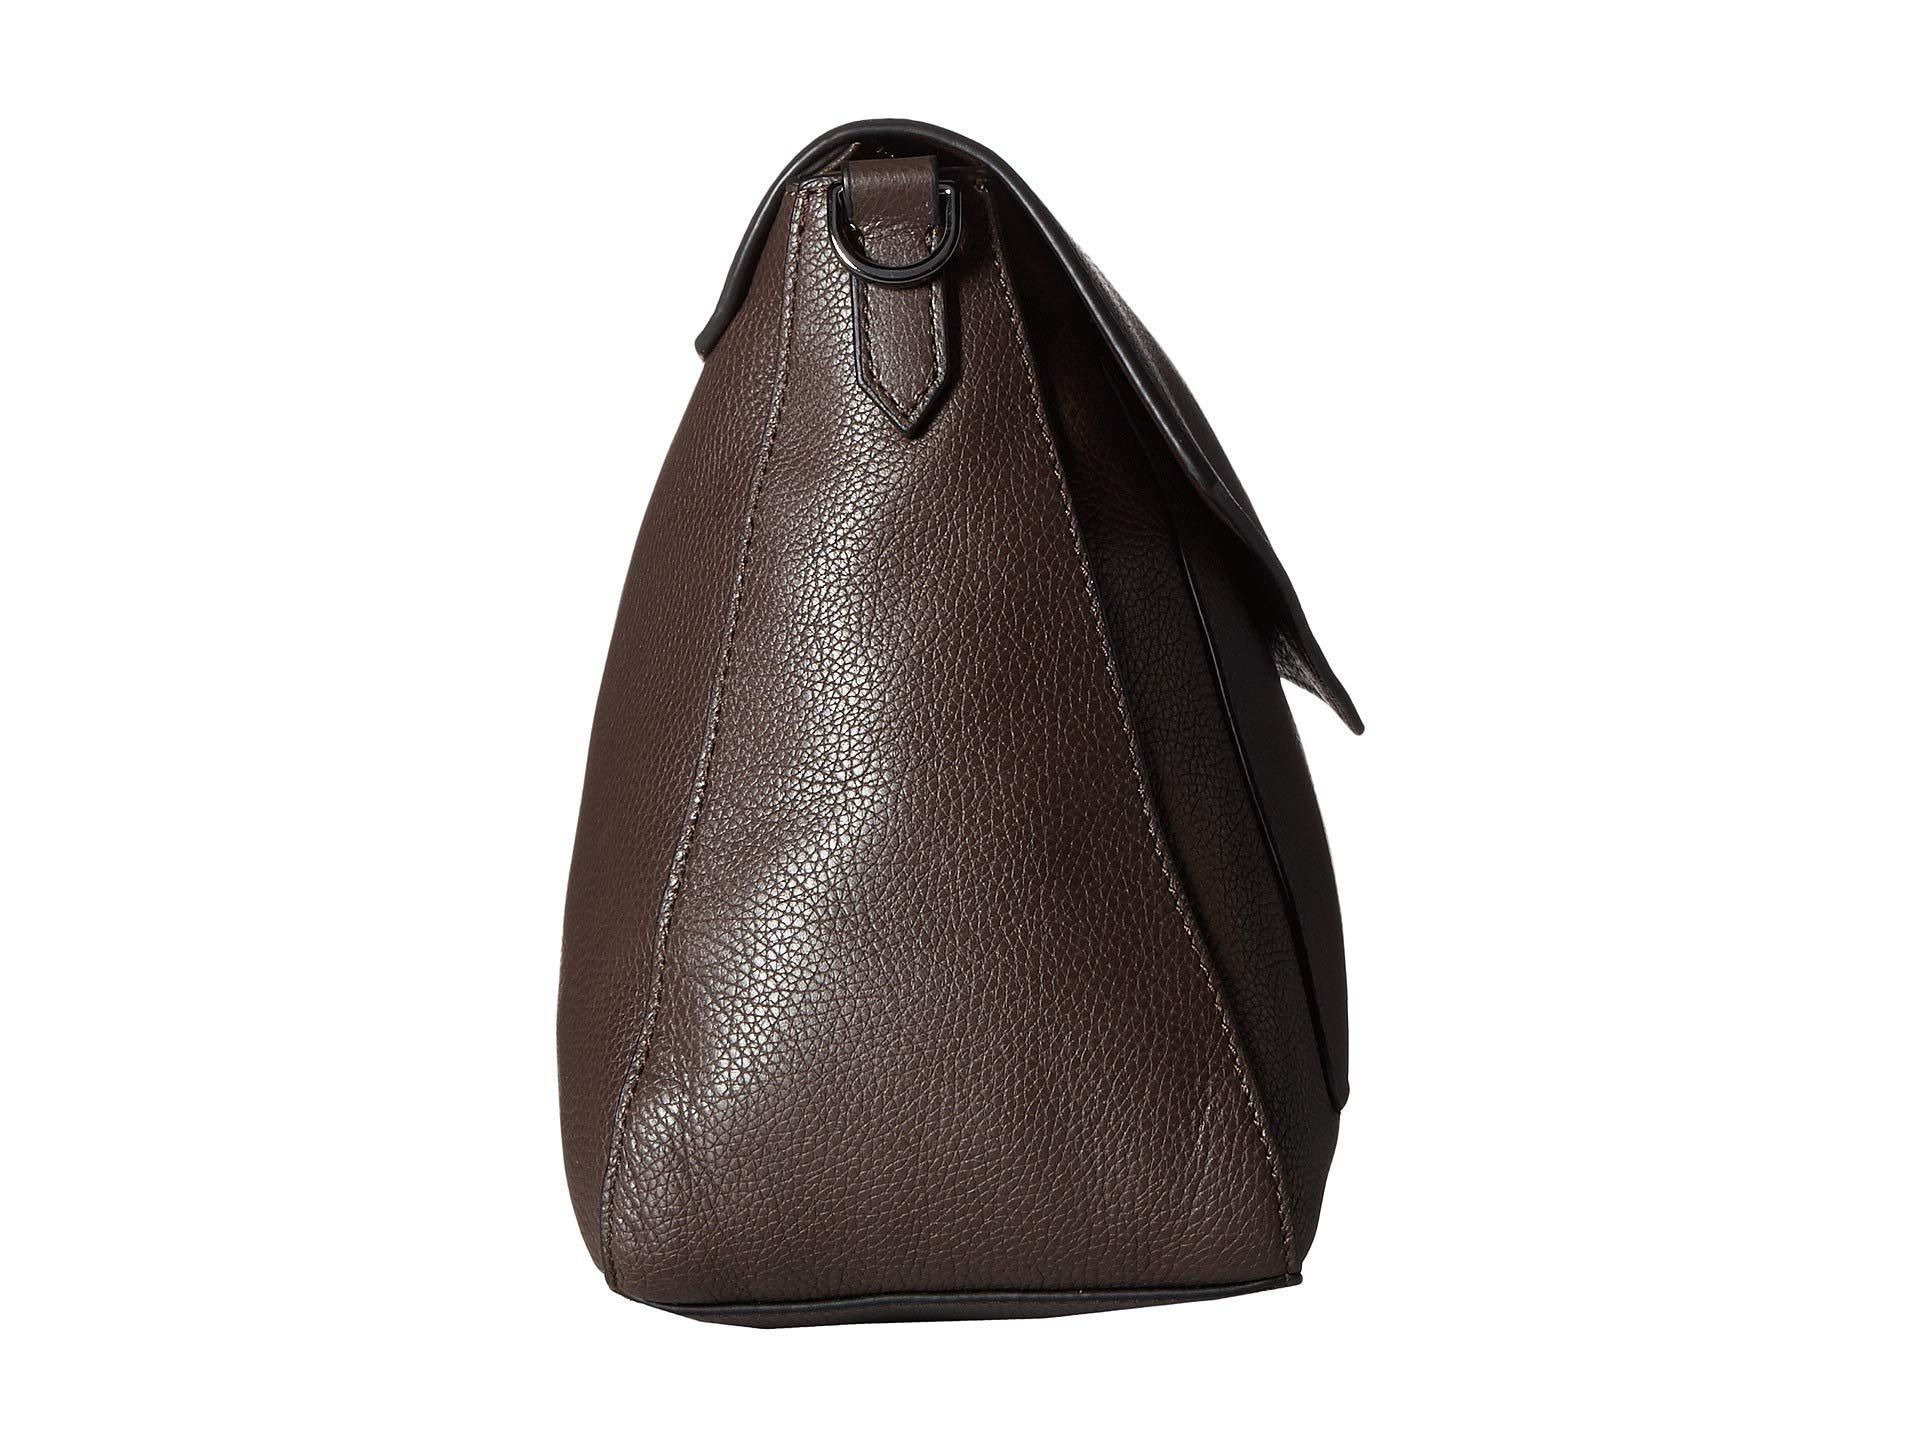 Lyst - Botkier Cobble Hill Slouch Hobo (black) Hobo Handbags in Black f126dcf83e06c